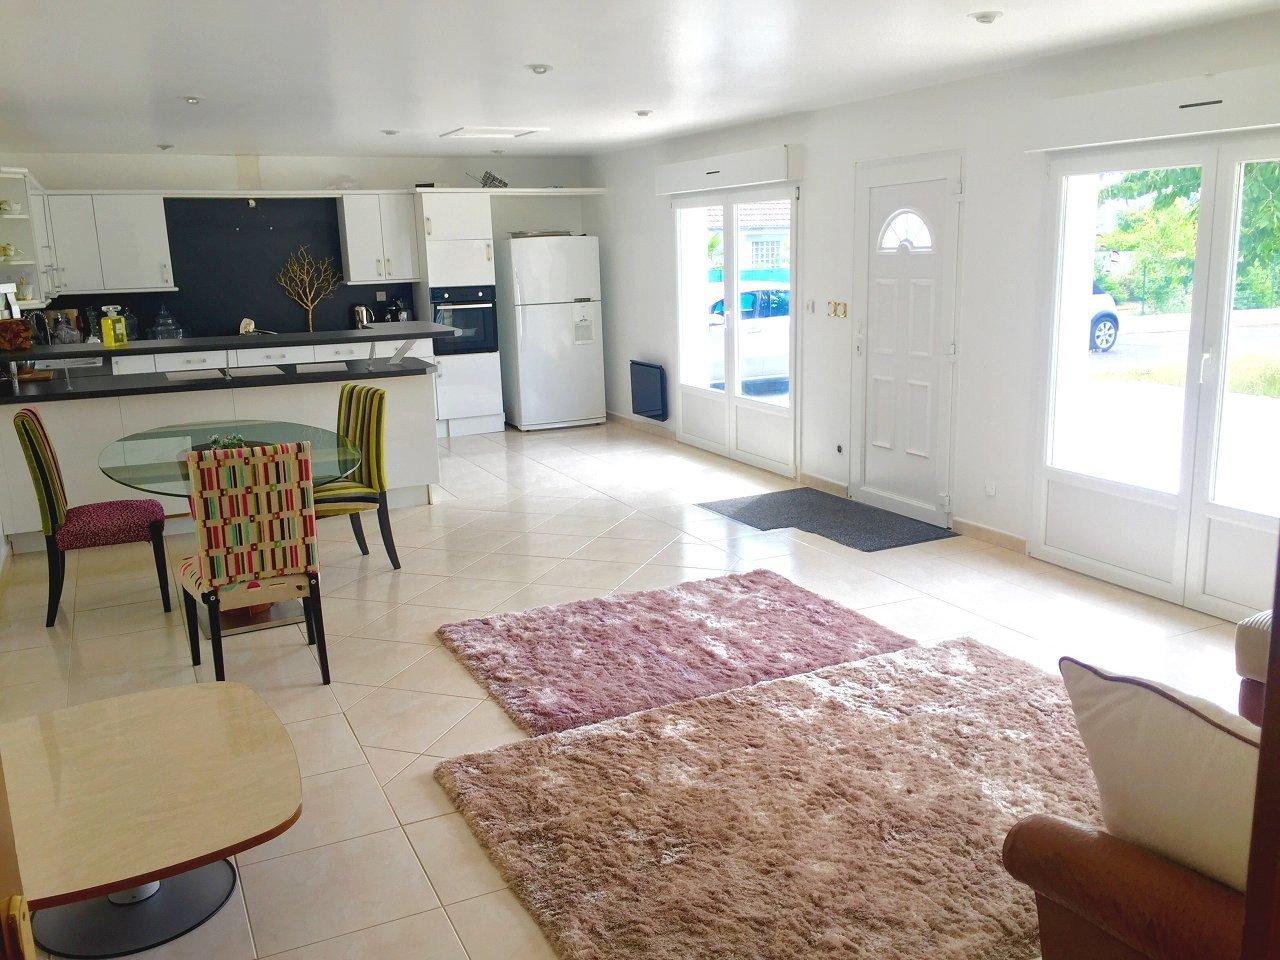 a vendre maison caen 70 m 179 140 era allais immobilier portail. Black Bedroom Furniture Sets. Home Design Ideas